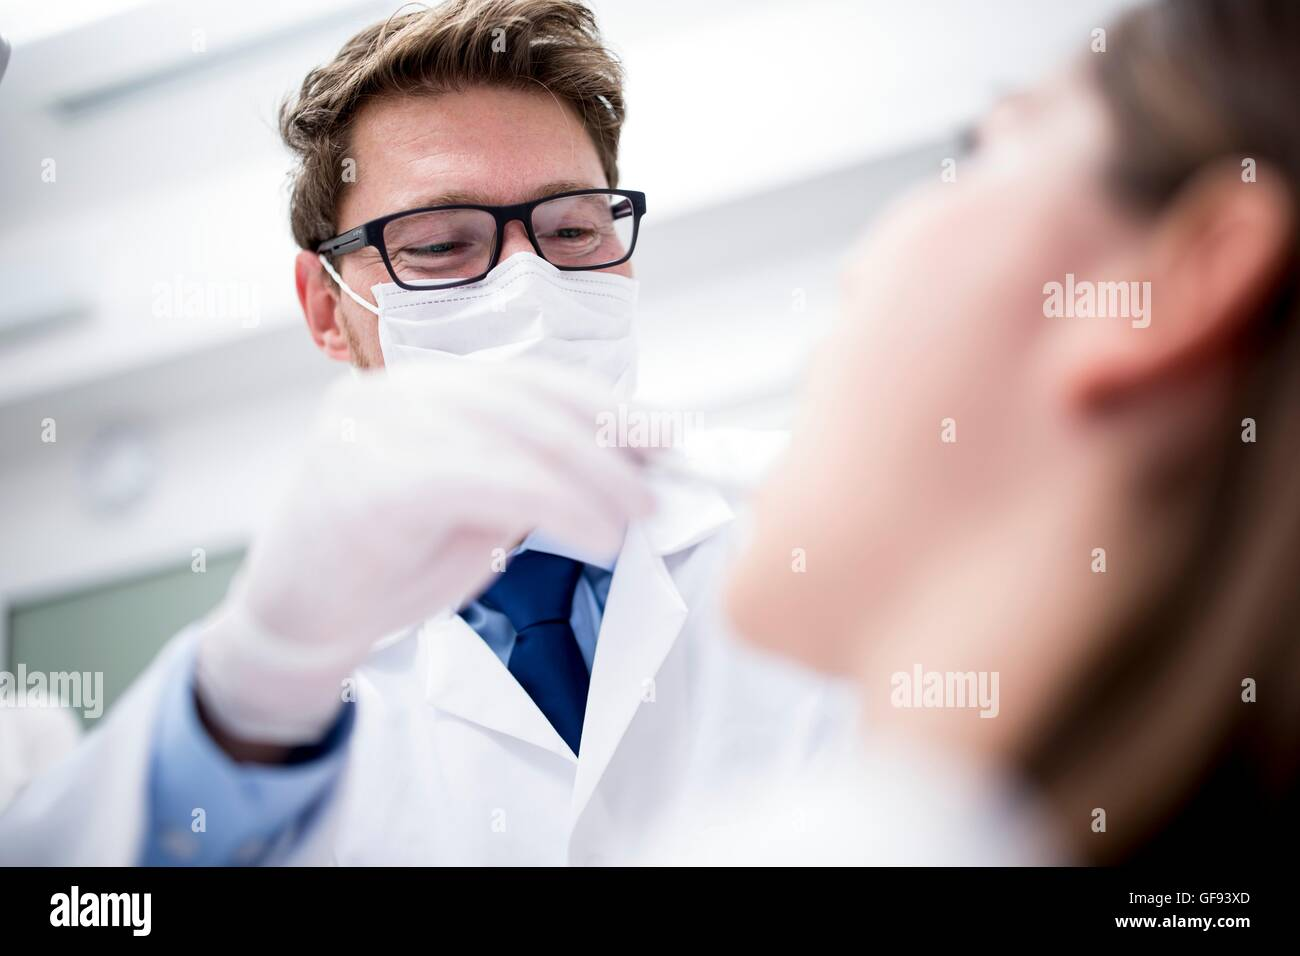 Modello rilasciato. Dentista esaminando denti del paziente in Clinica del dentista. Immagini Stock